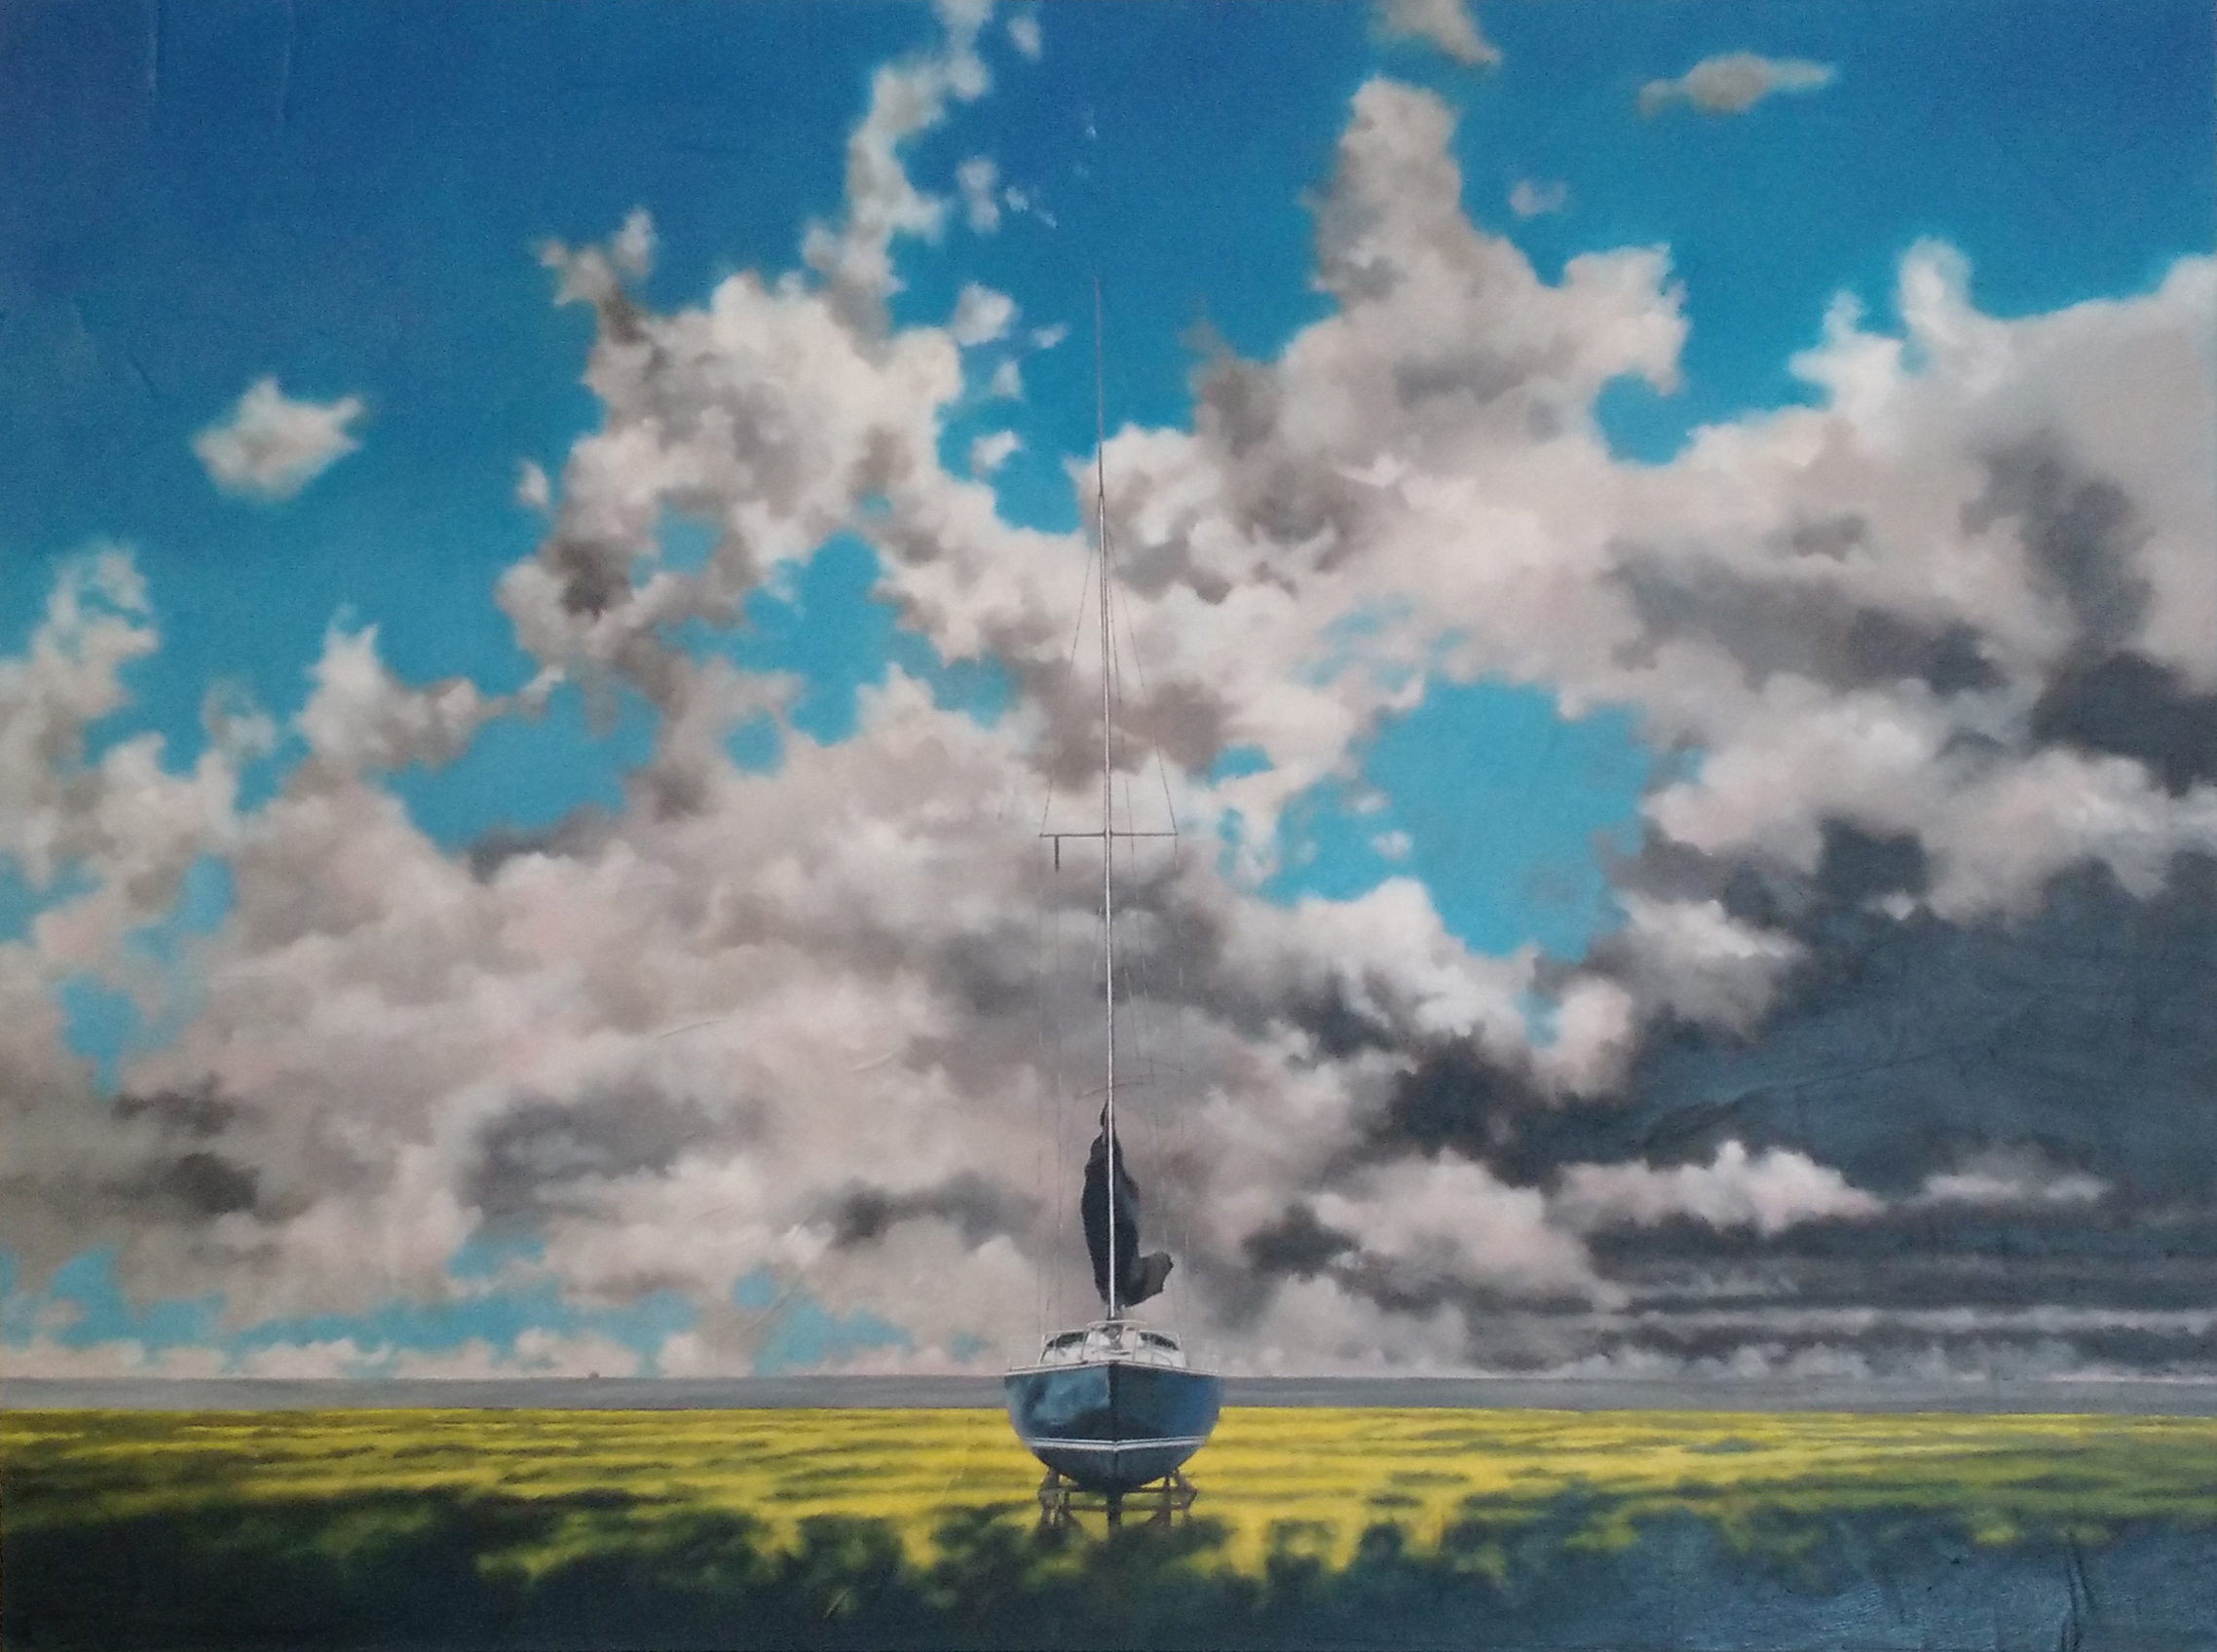 Boat In Cradle - Let the final word-1.jpg